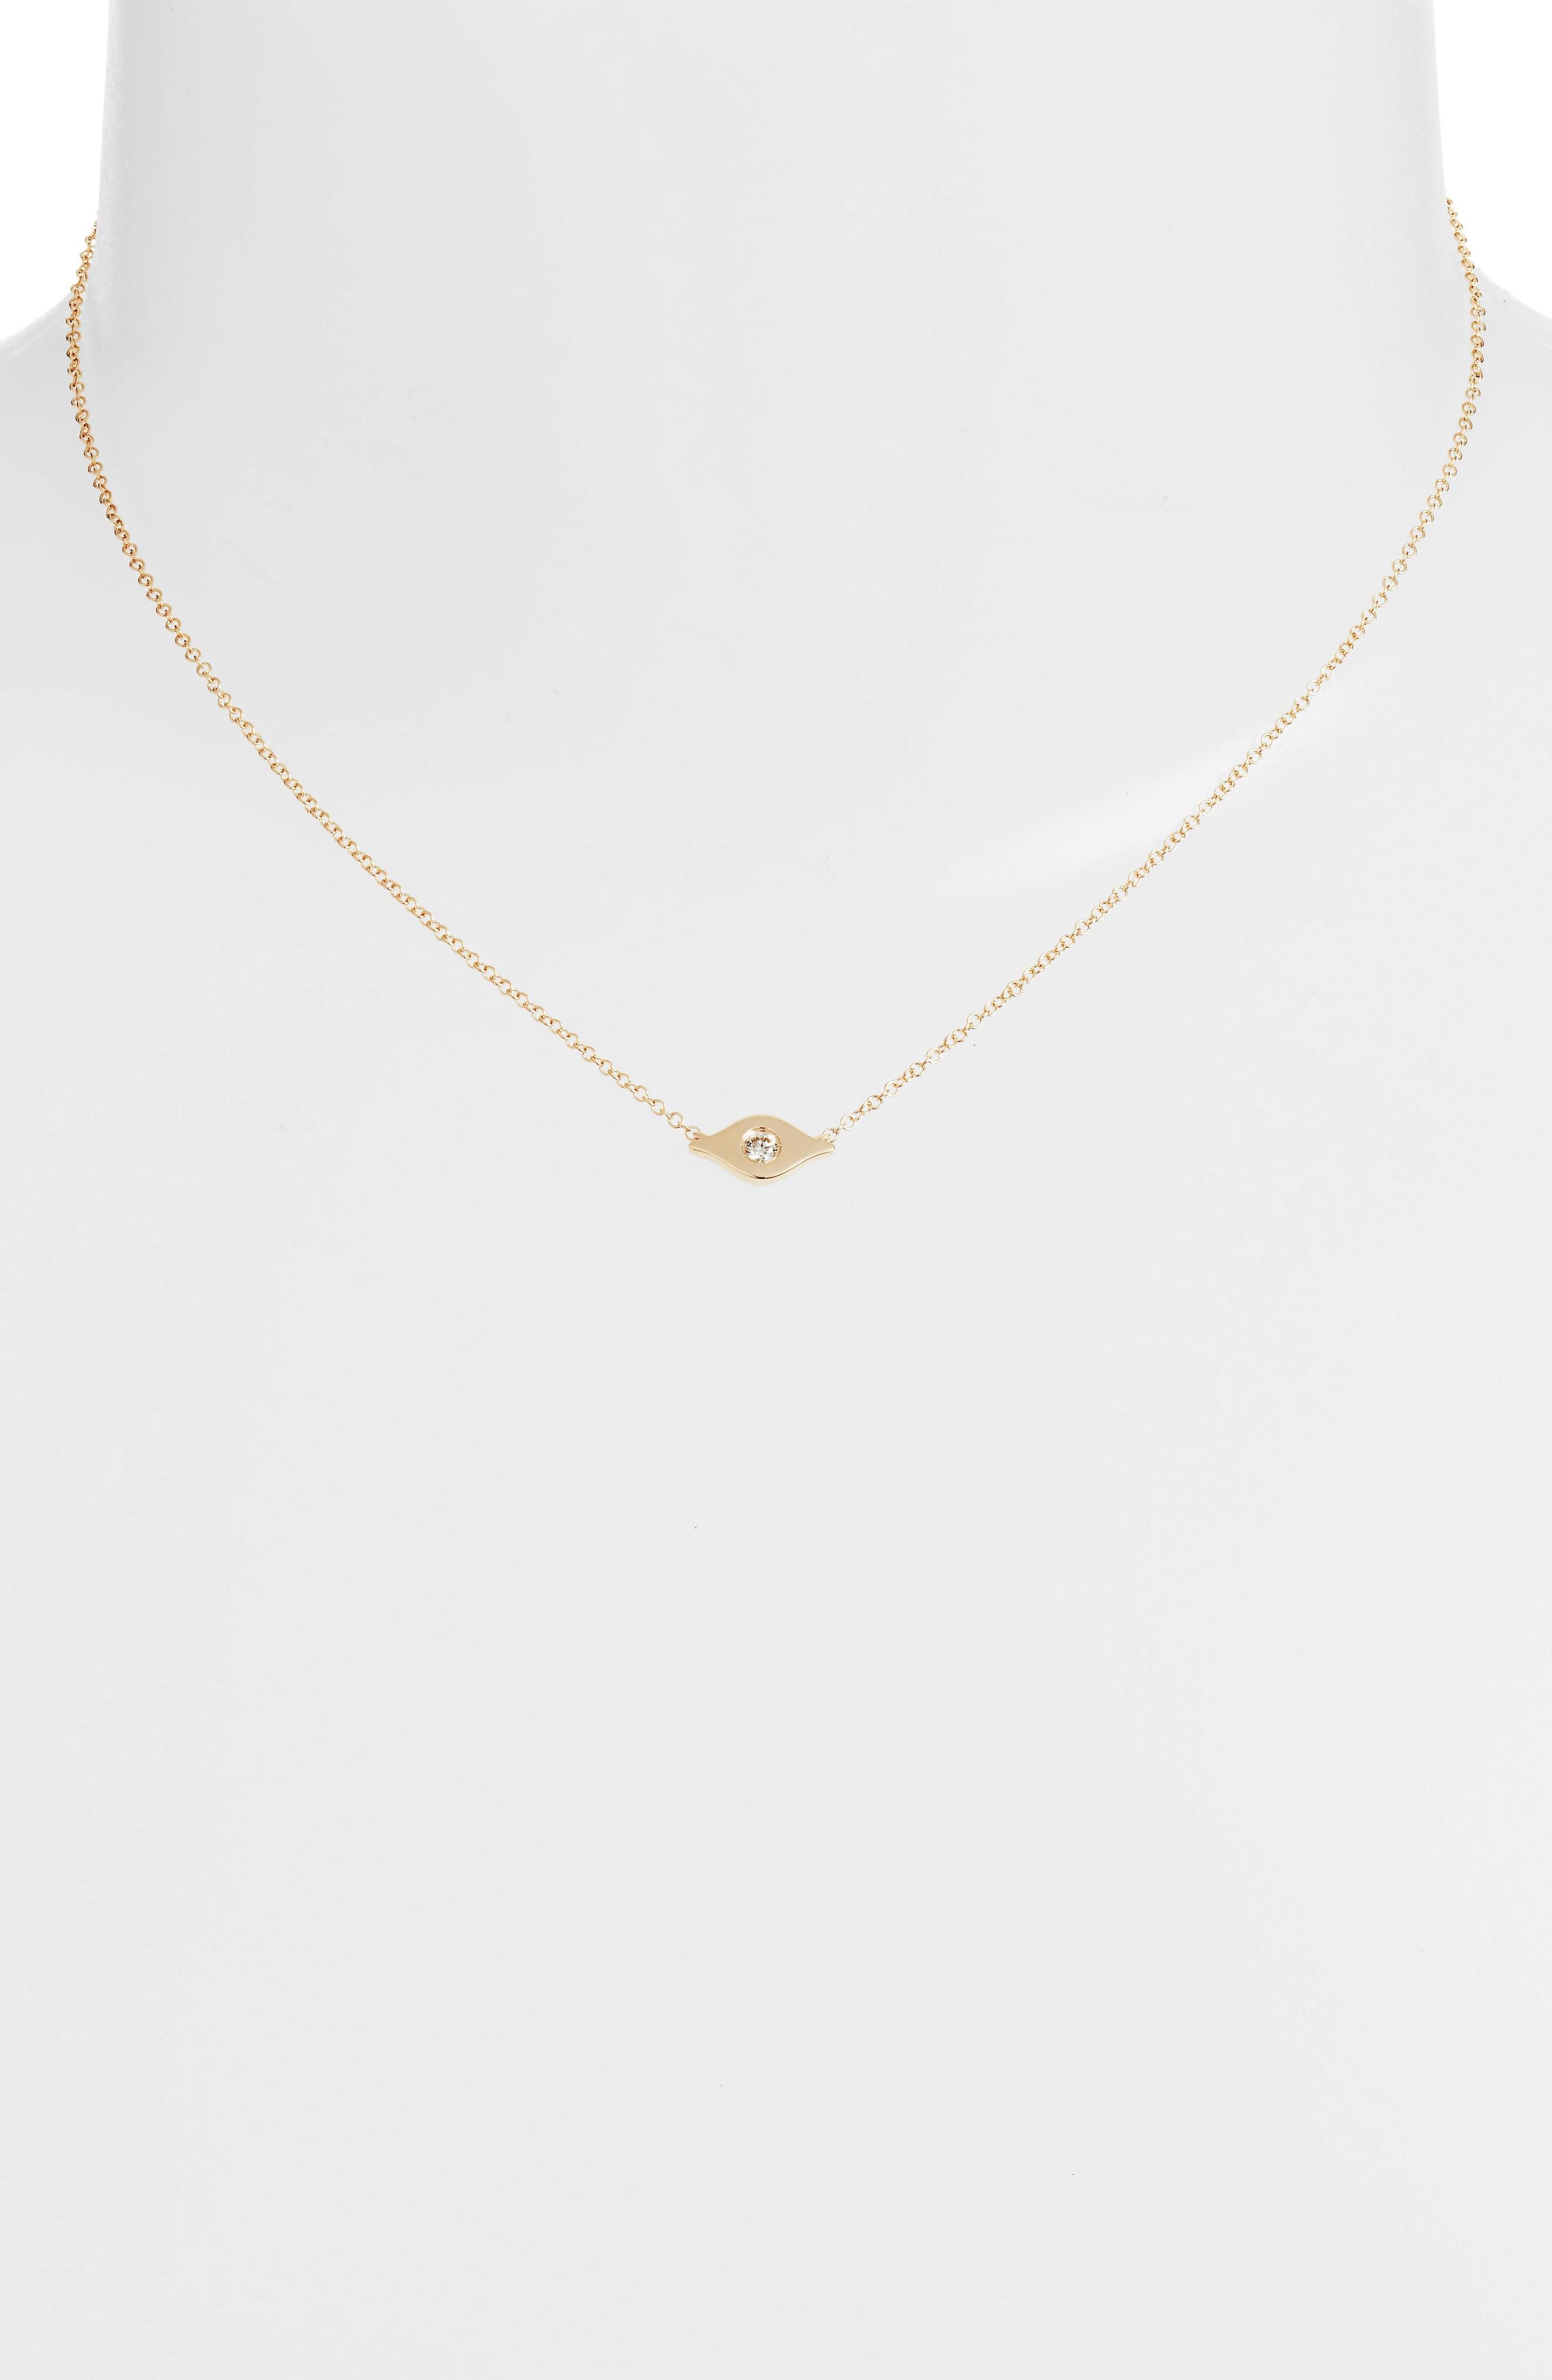 EF COLLECTION Evil Eye Diamond Choker Necklace